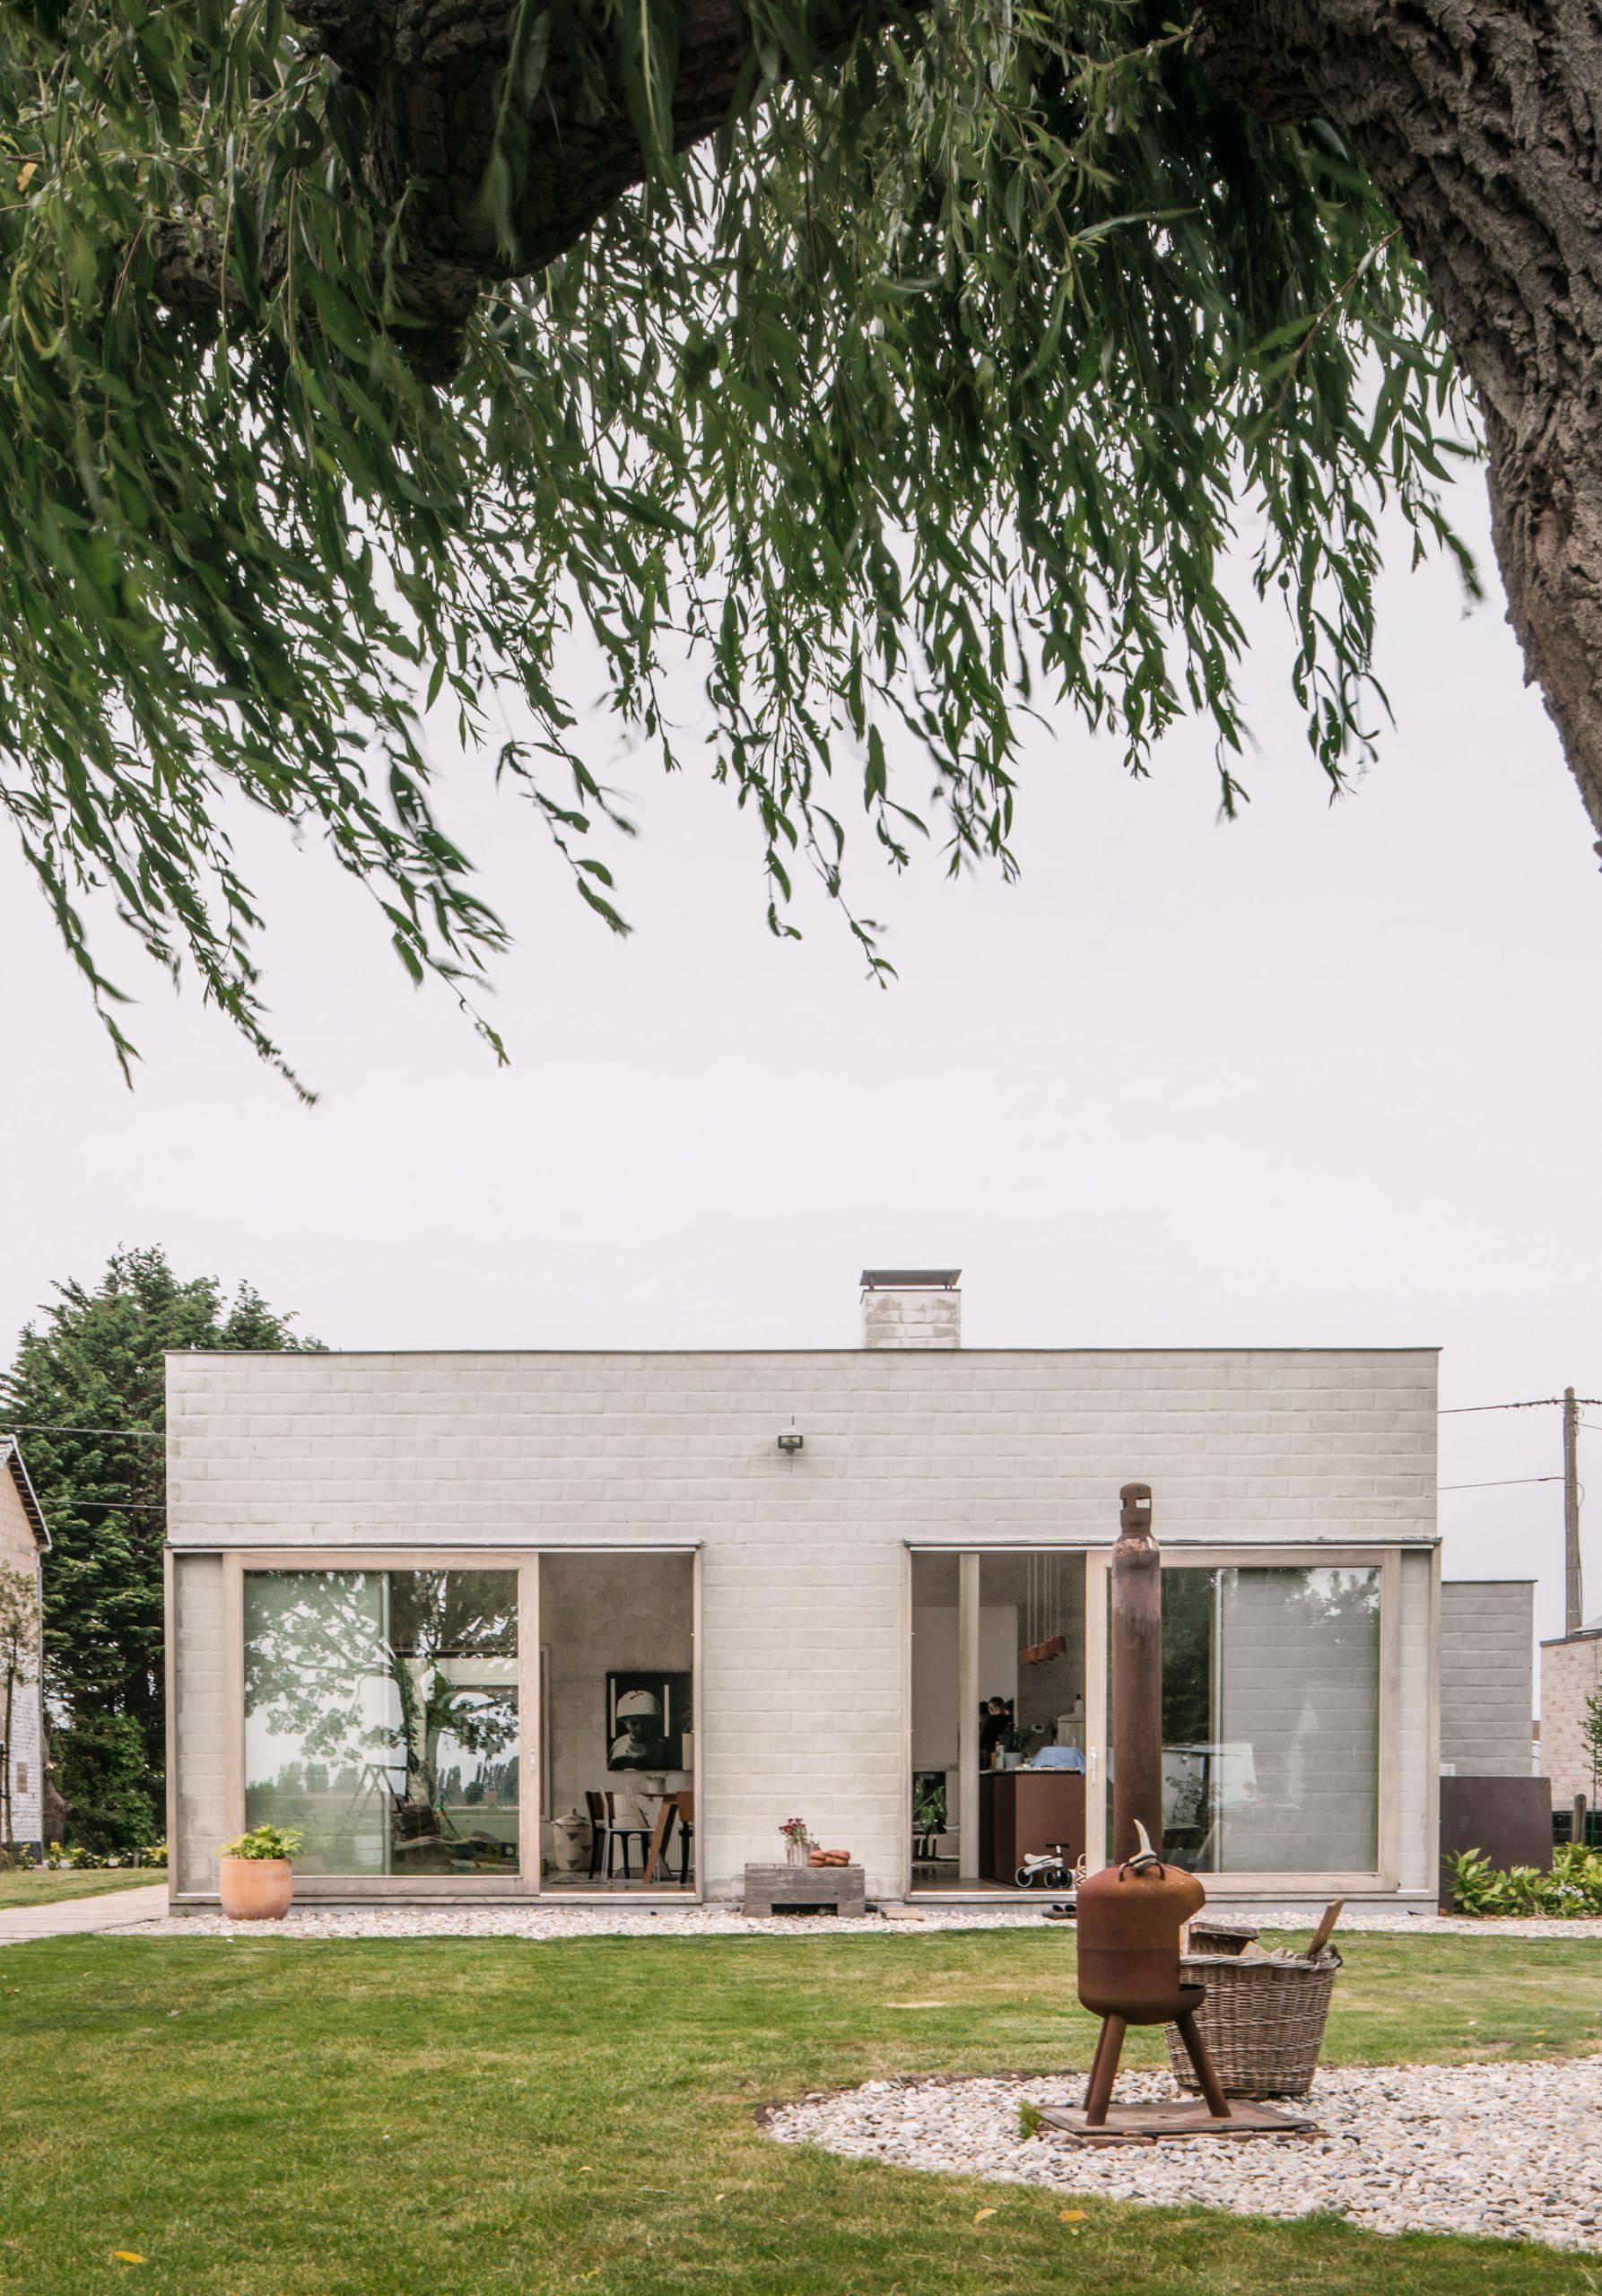 A white brick bungalow